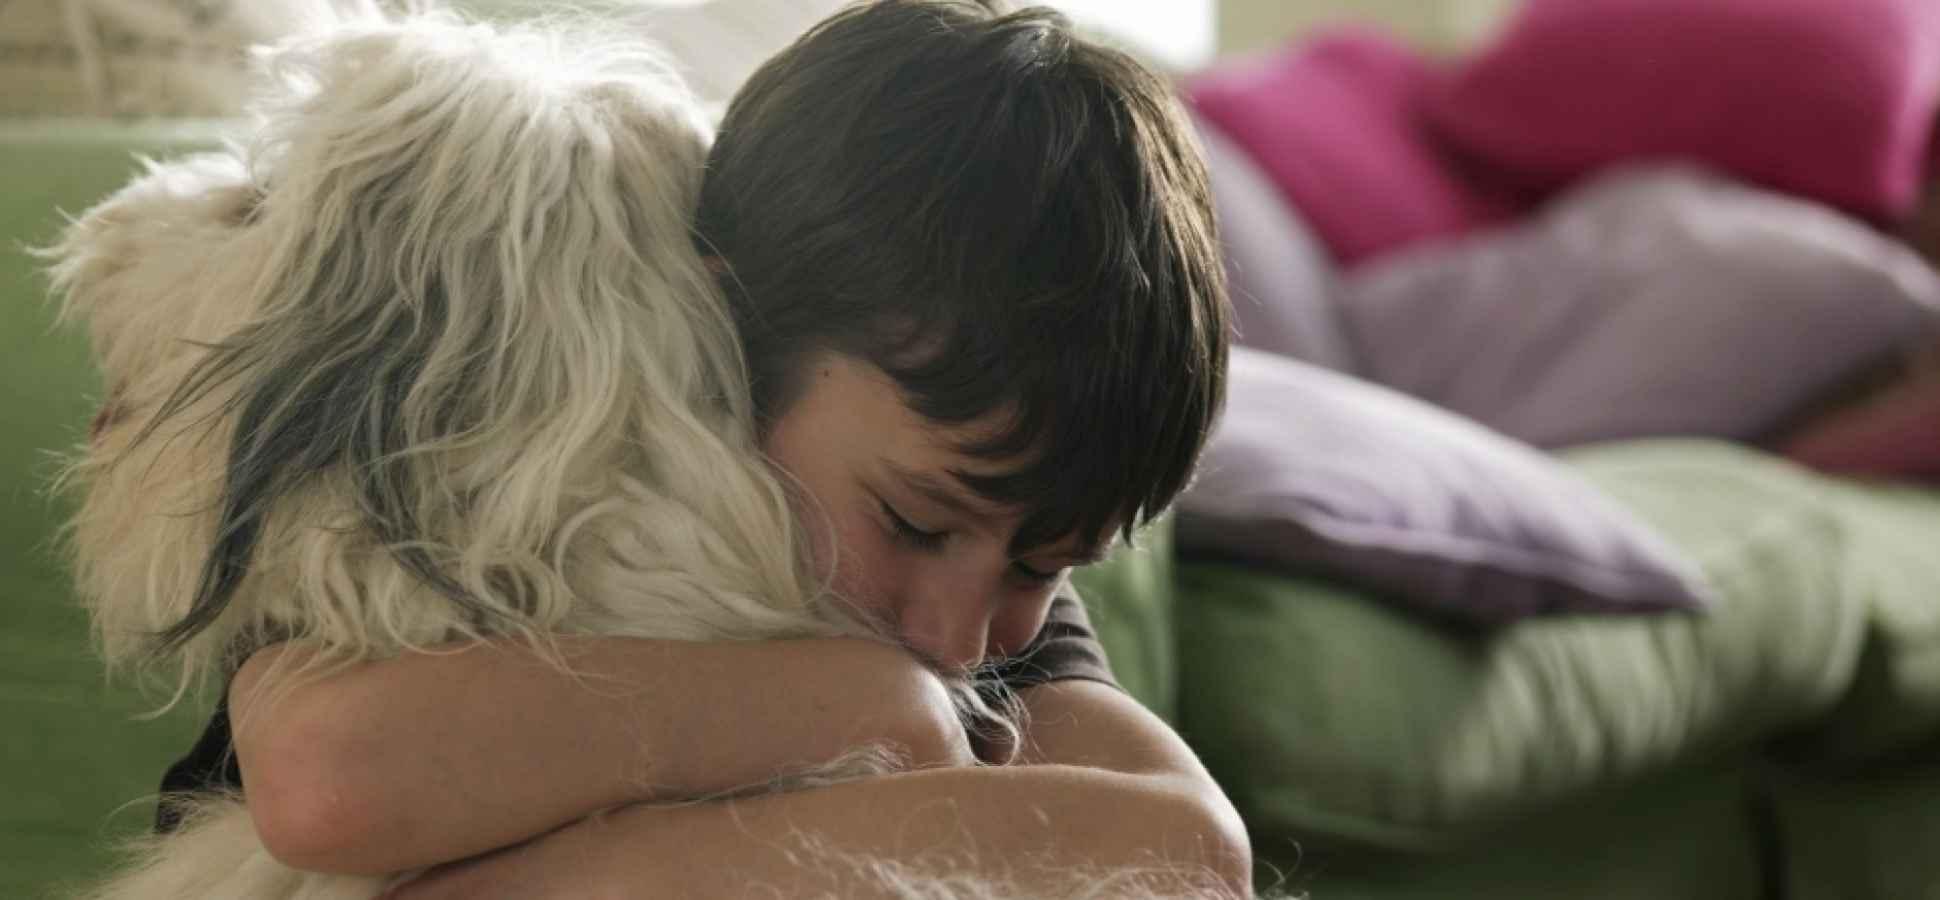 5 Ways to Raise a Grateful Child